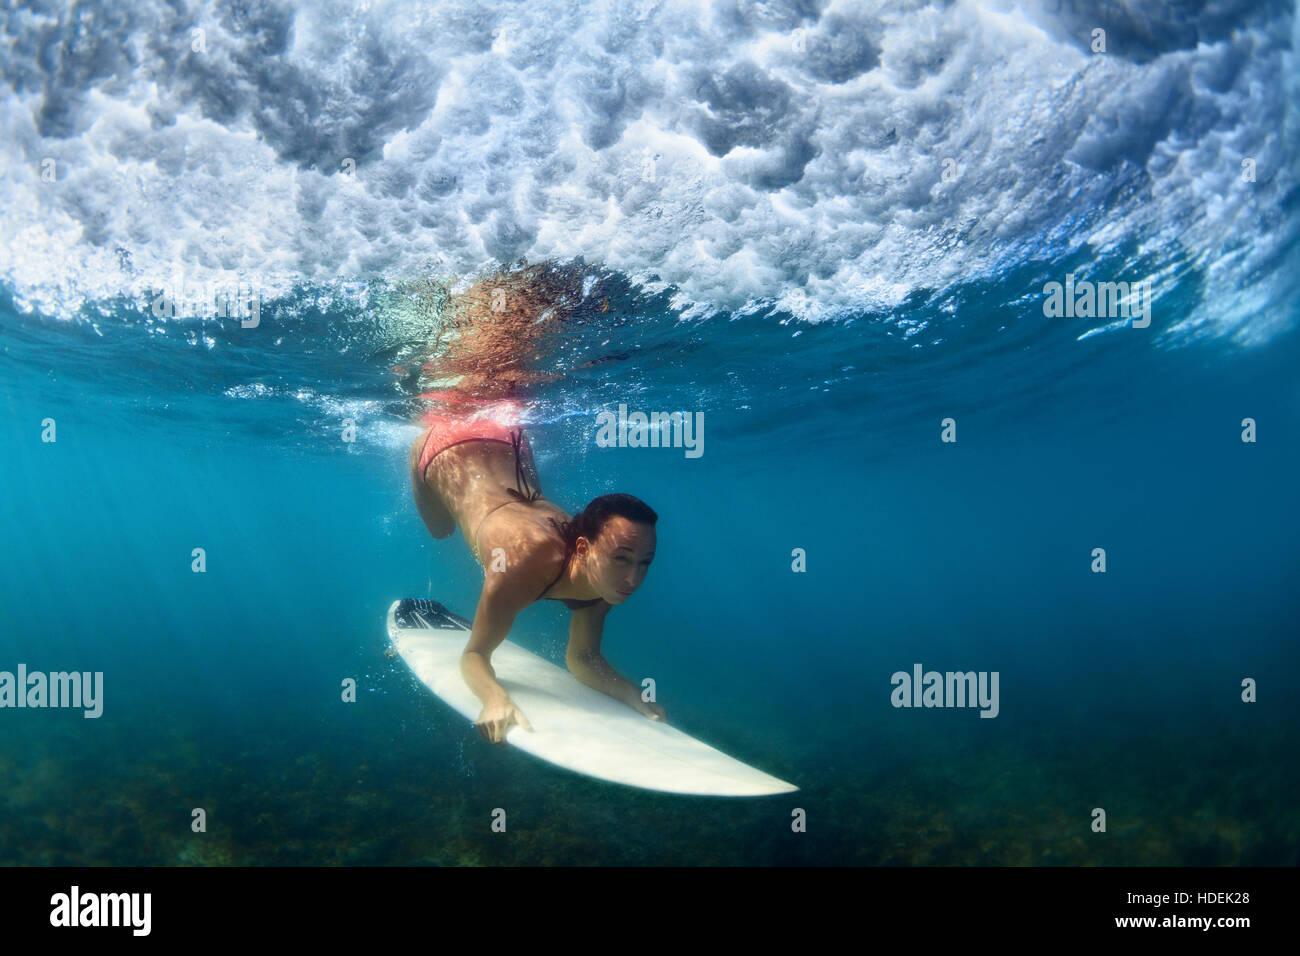 Girl in bikini surf en action. Surfer avec planche de surf sous-marine Plongée sous breaking wave ocean eau extrême Banque D'Images